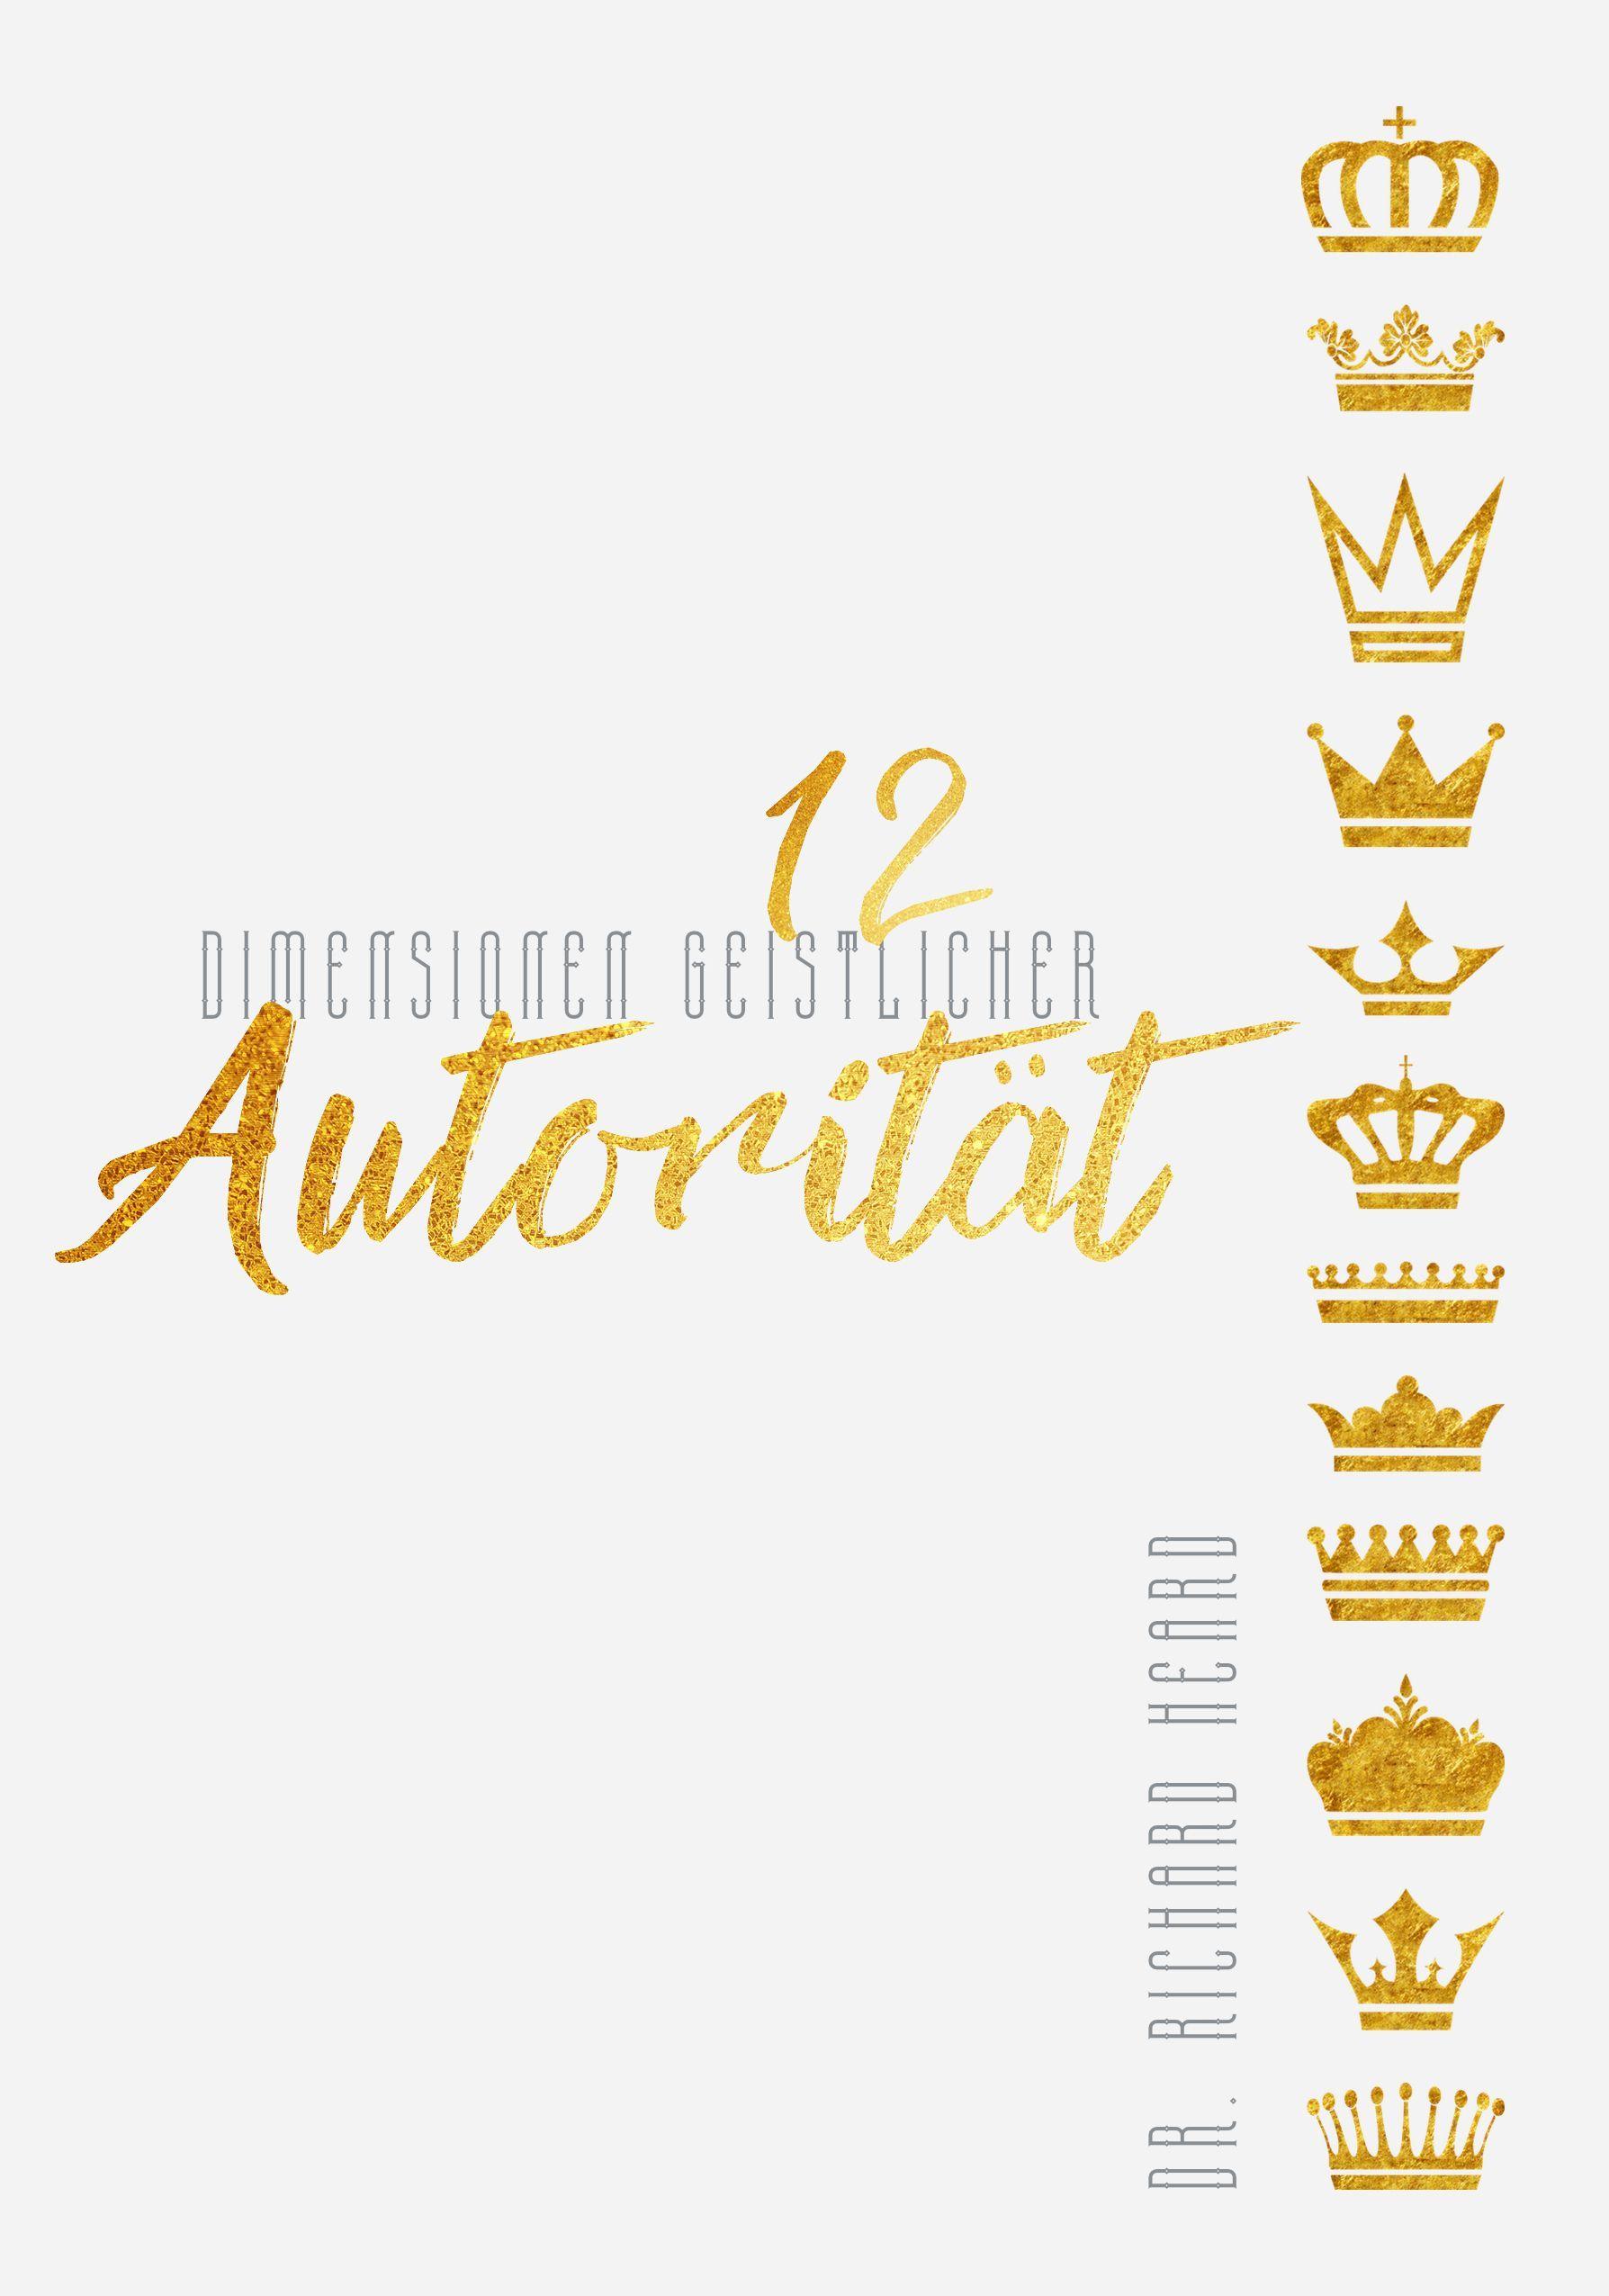 12 Dimensionen geistlicher Autorität